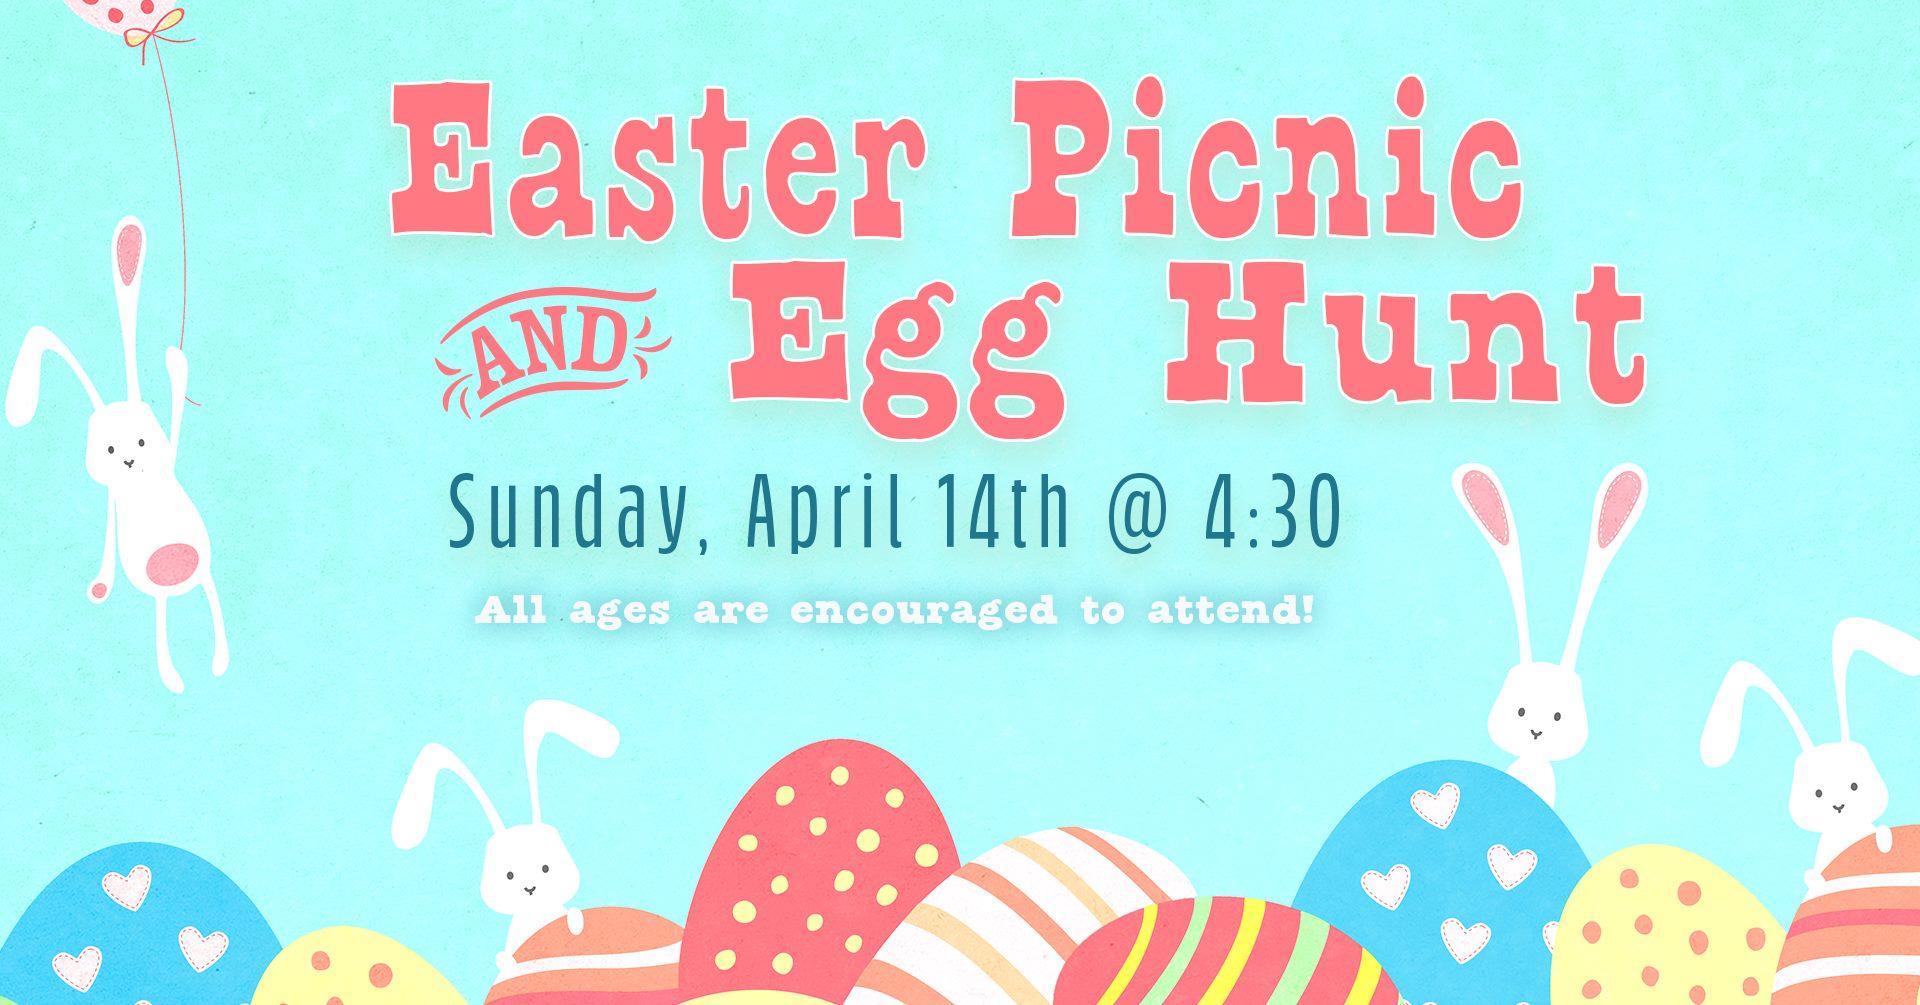 community-easter-egg-hunt